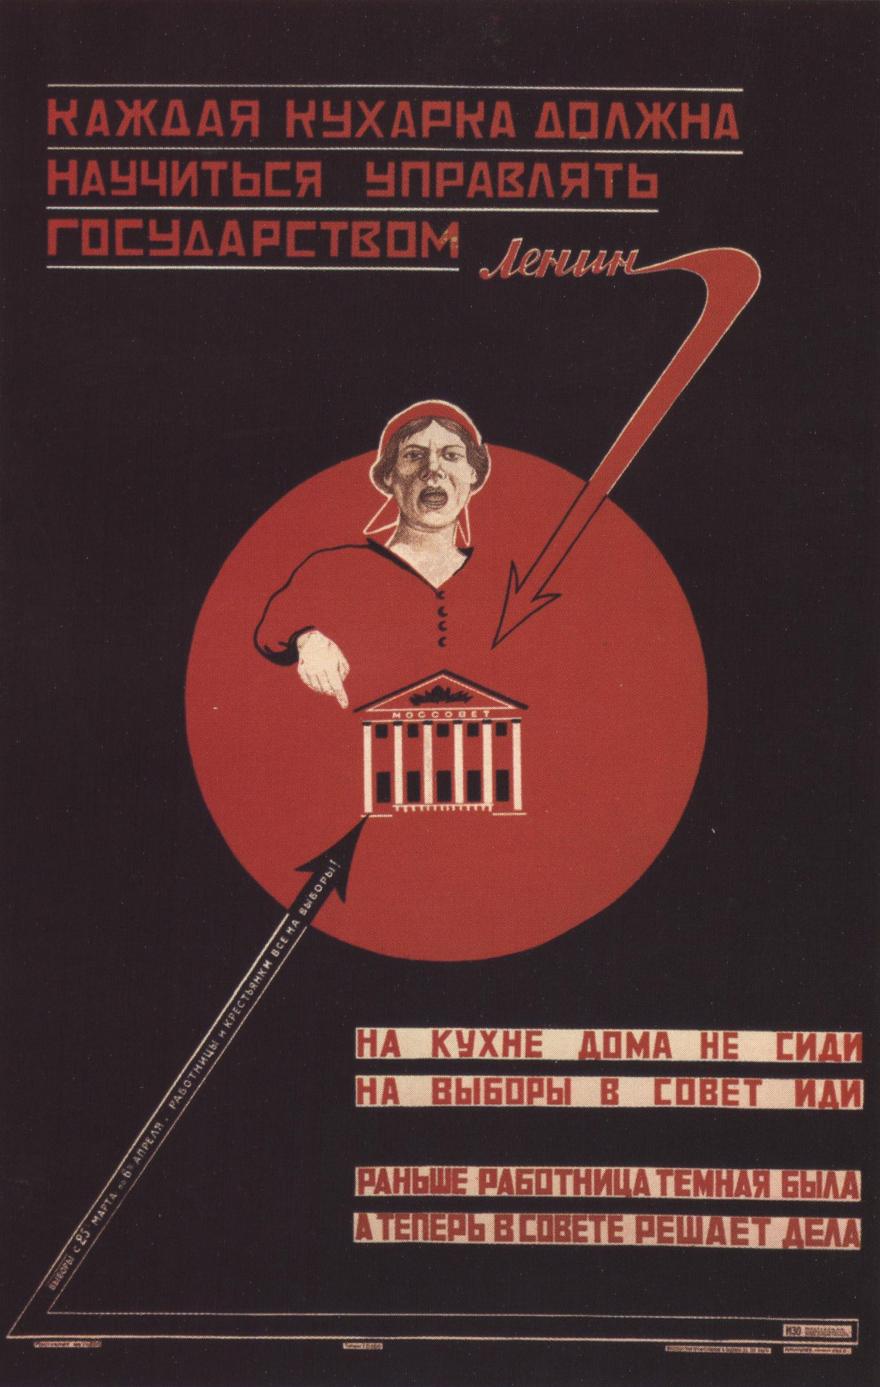 Resultado de imagen de Construcción del Socialismo en la URSS